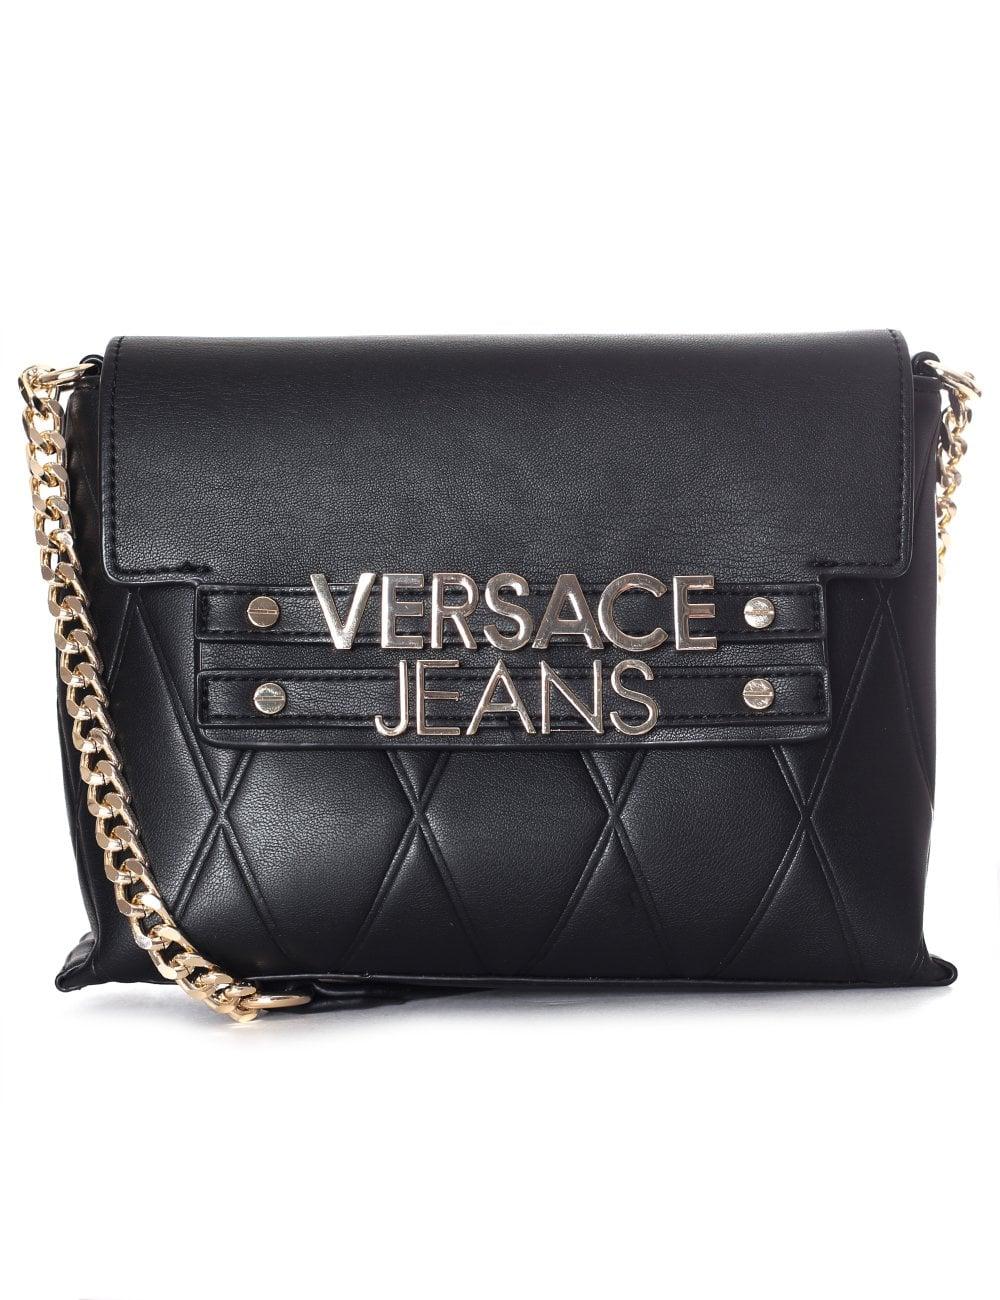 Versace Jeans Women s Half Quilt Shoulder Bag 45b5e16c23dfb